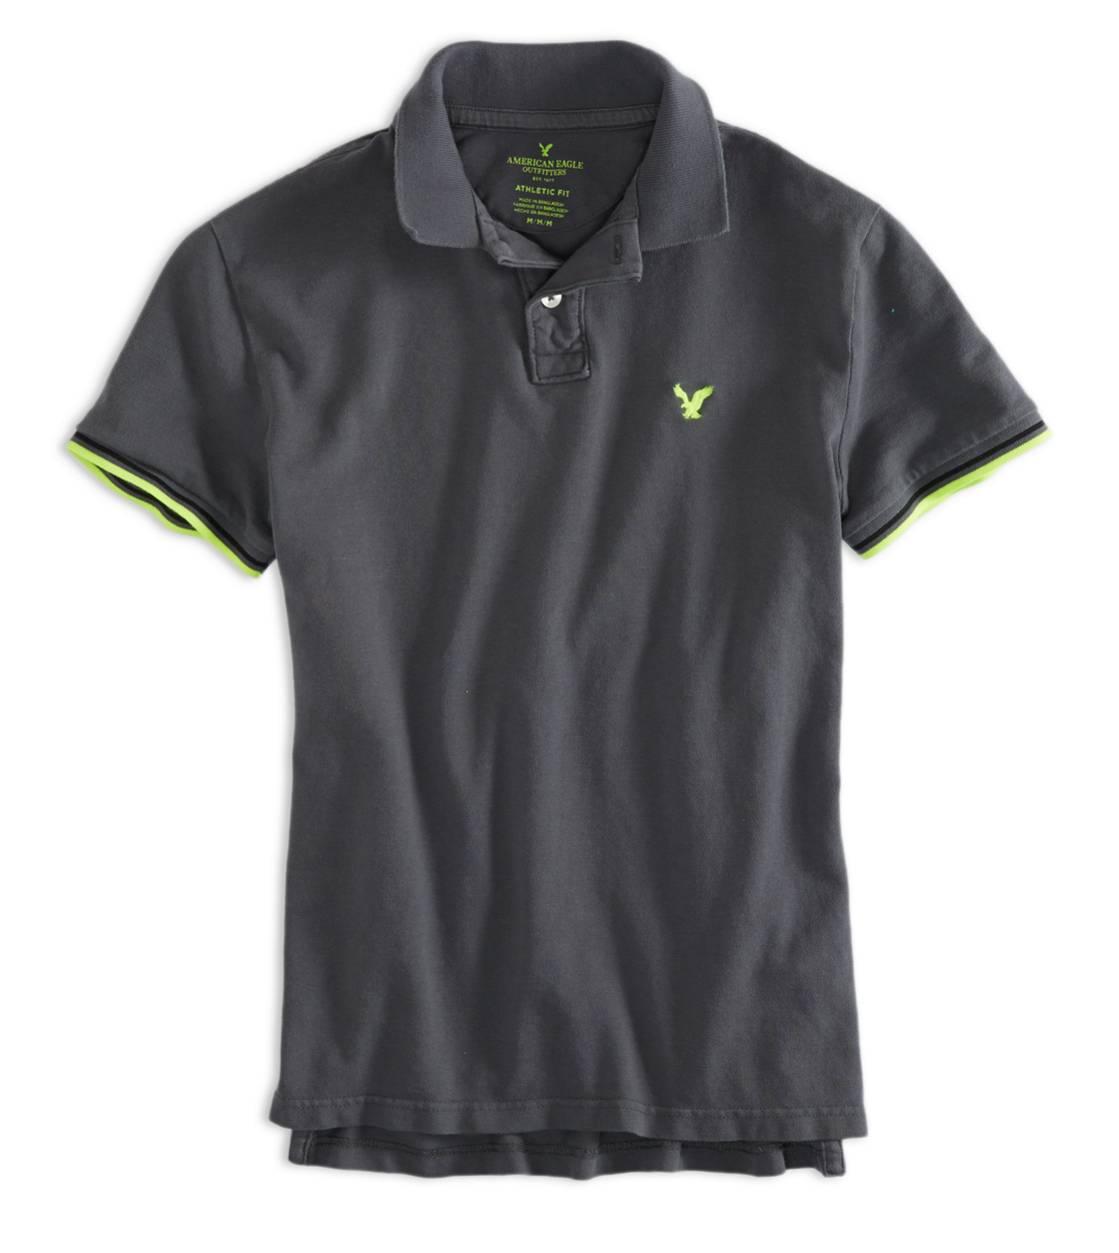 美國百分百【全新真品】American Eagle Polo衫 AE 短袖 上衣 老鷹 灰 素面 Logo 純棉 網眼 男 XS號